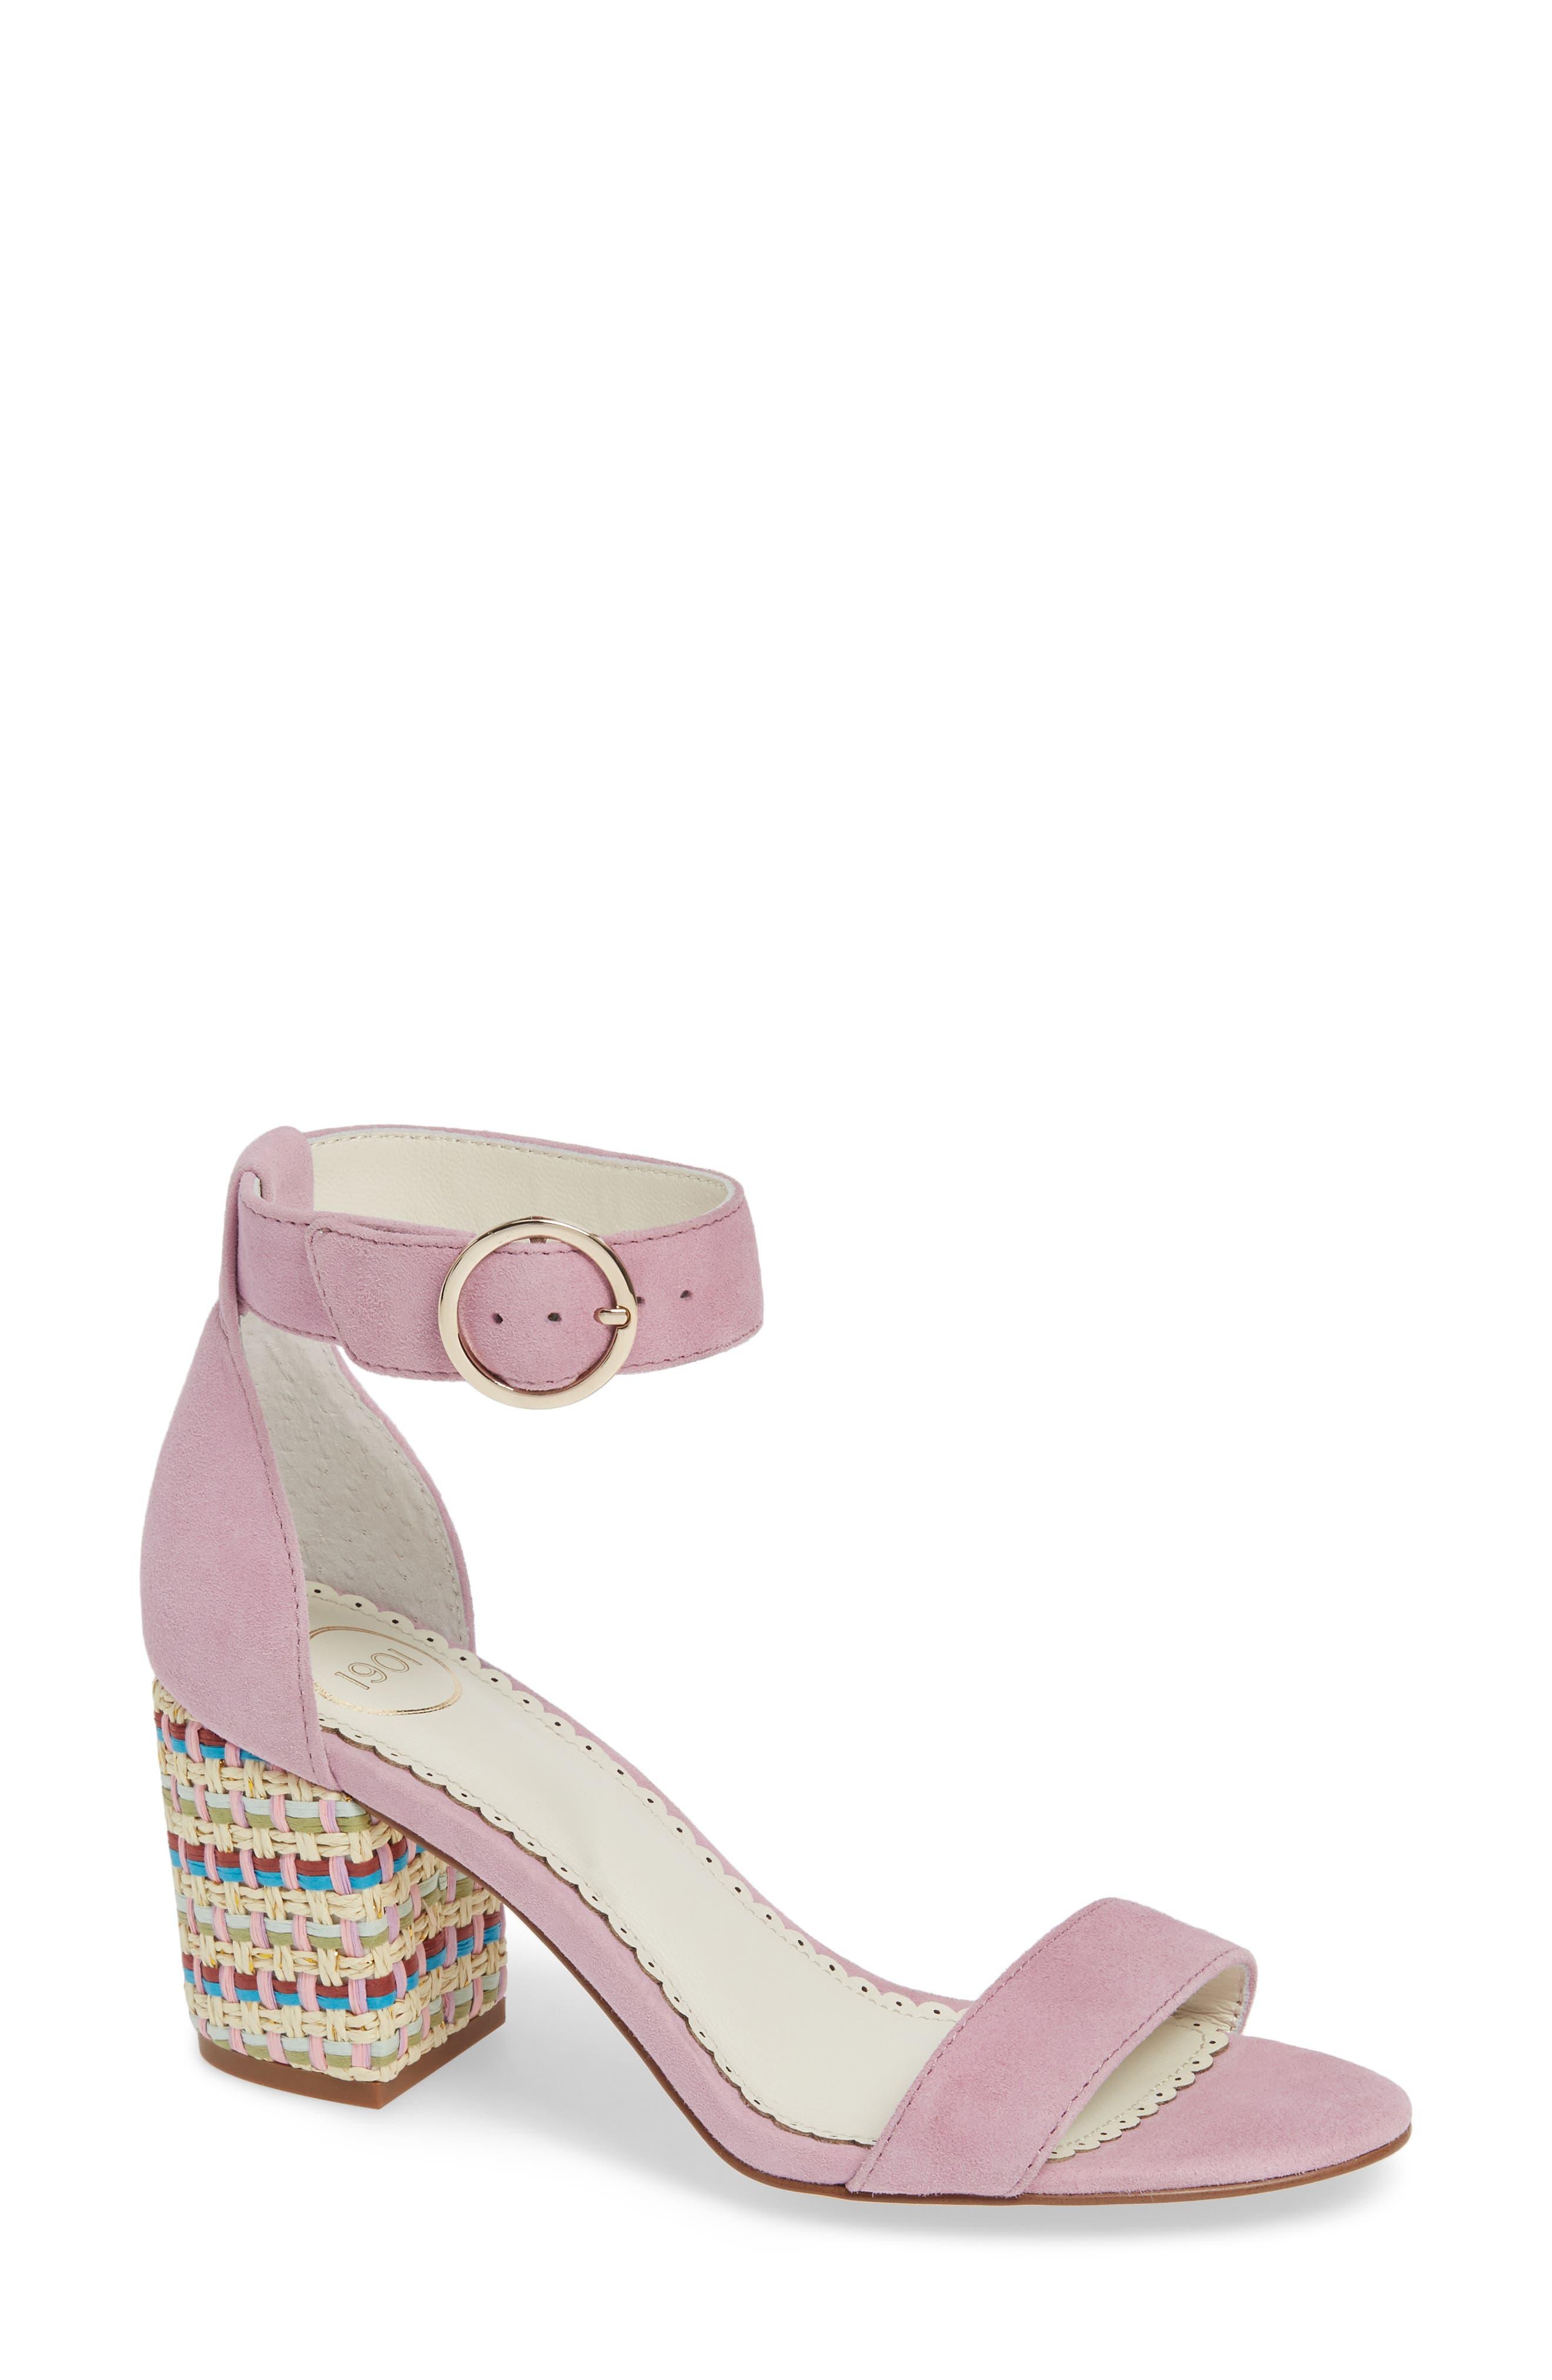 5ee2739b7ca5 Ellery block heel sandal women nordstrom jpg 1660x1783 Block heel lilac  sandals for women